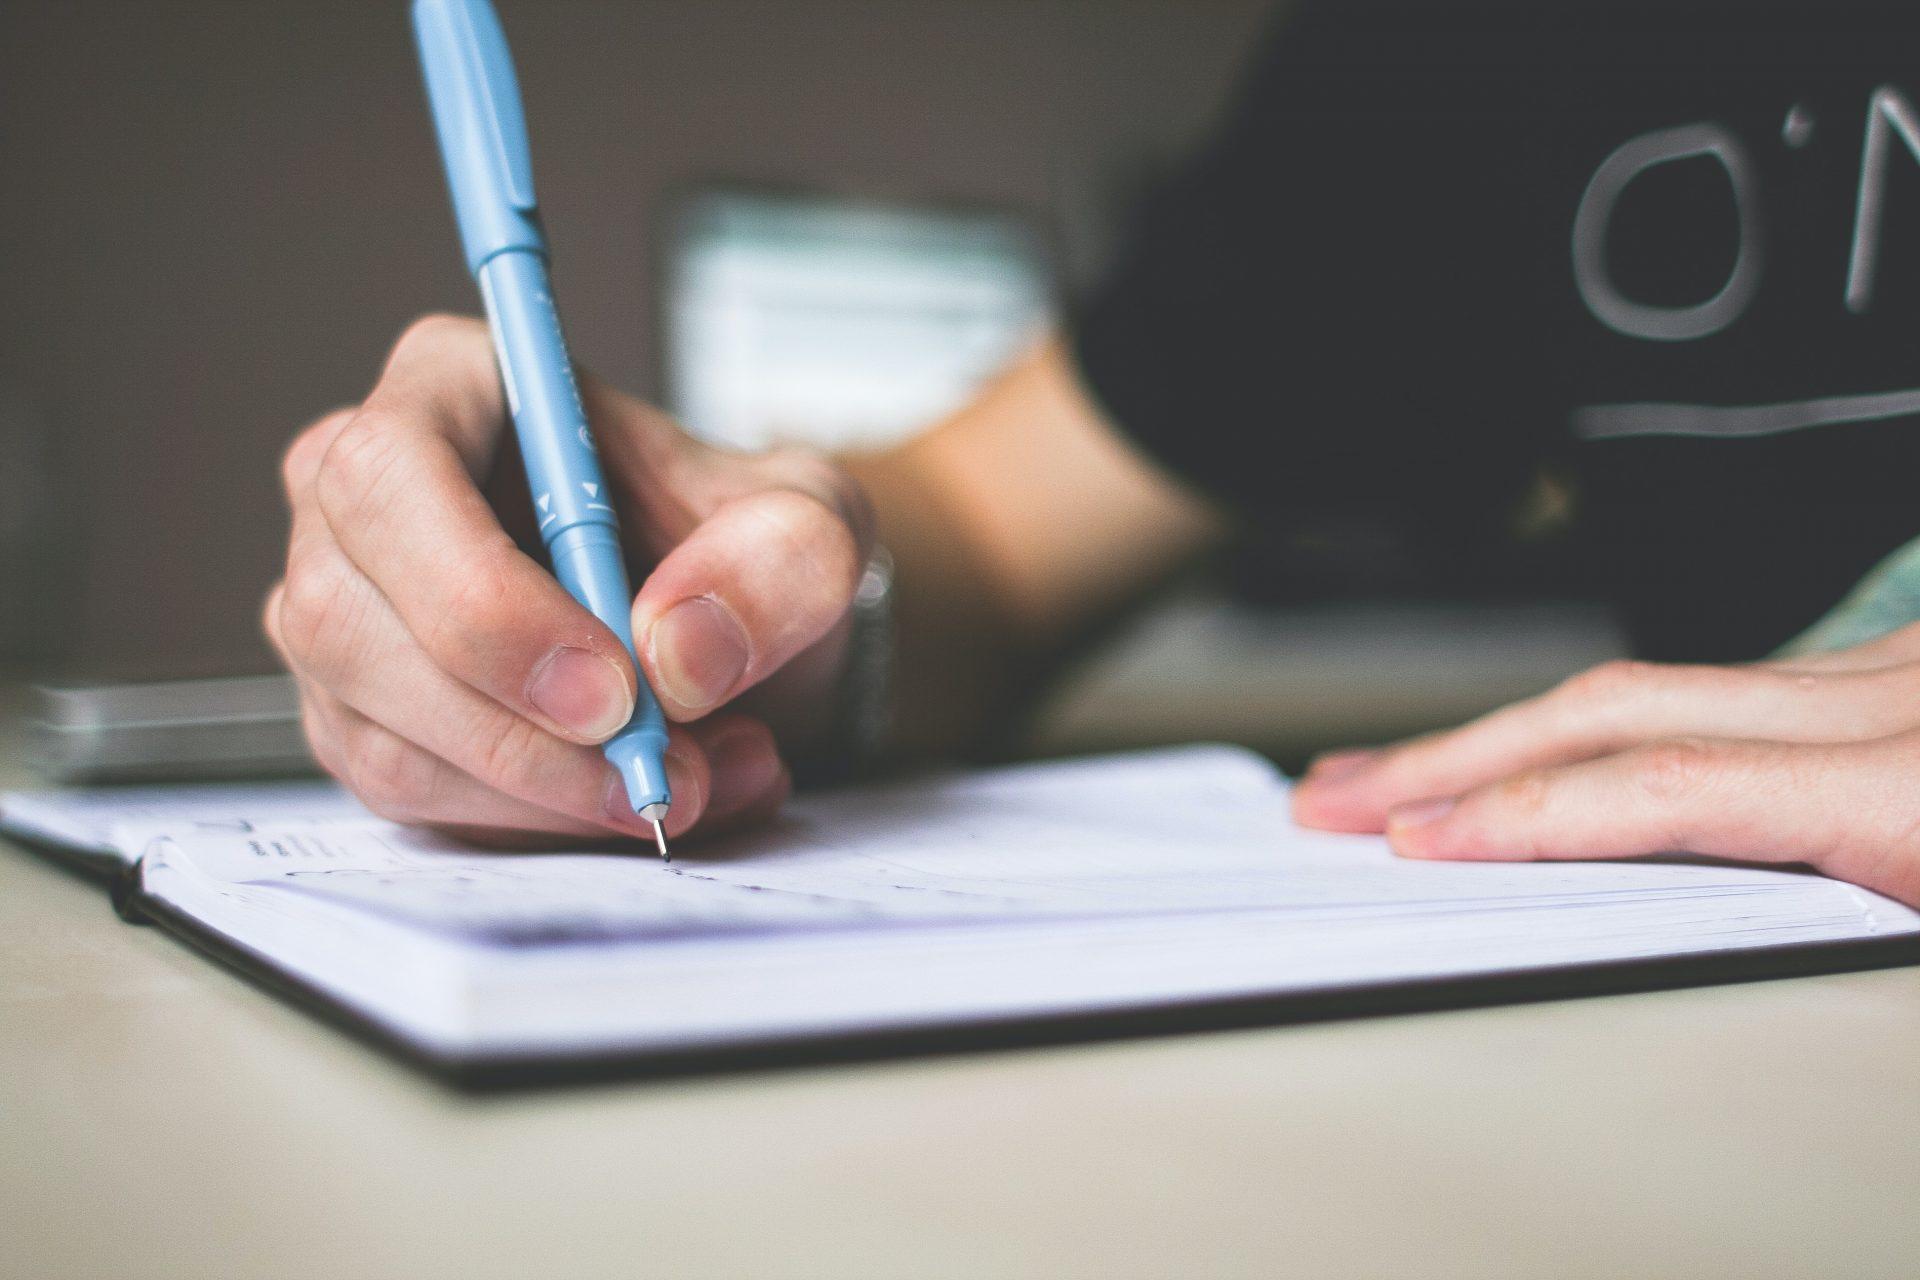 Volver a usar lápiz y papel para ser más productivos